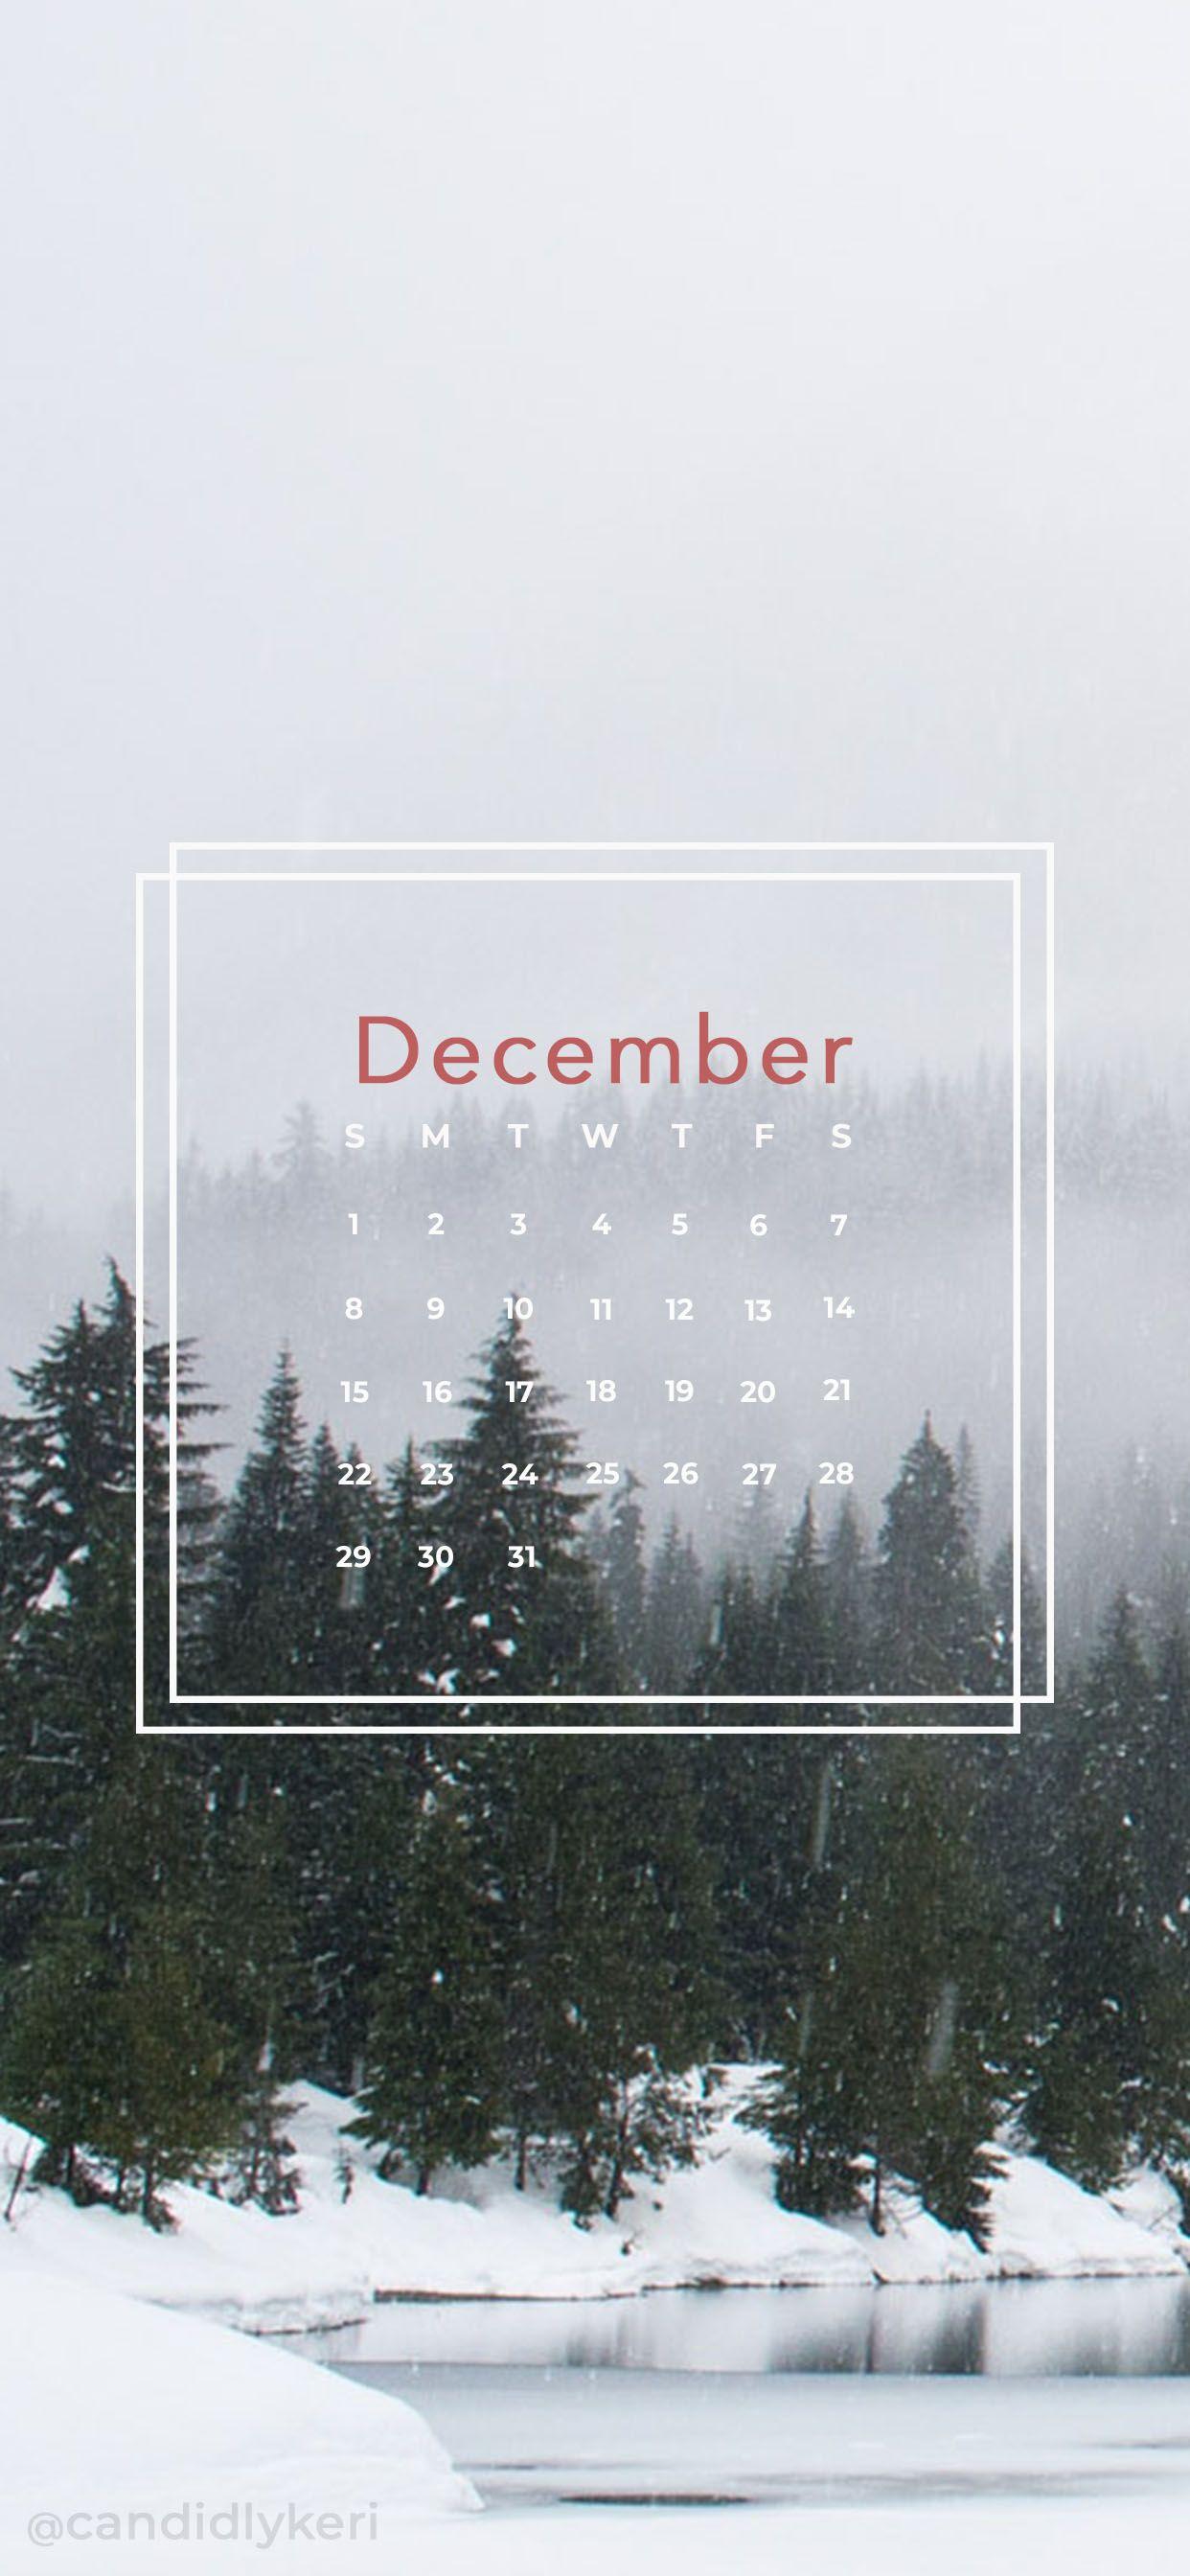 Forest winter wonderland December calendar 2019 wallpaper